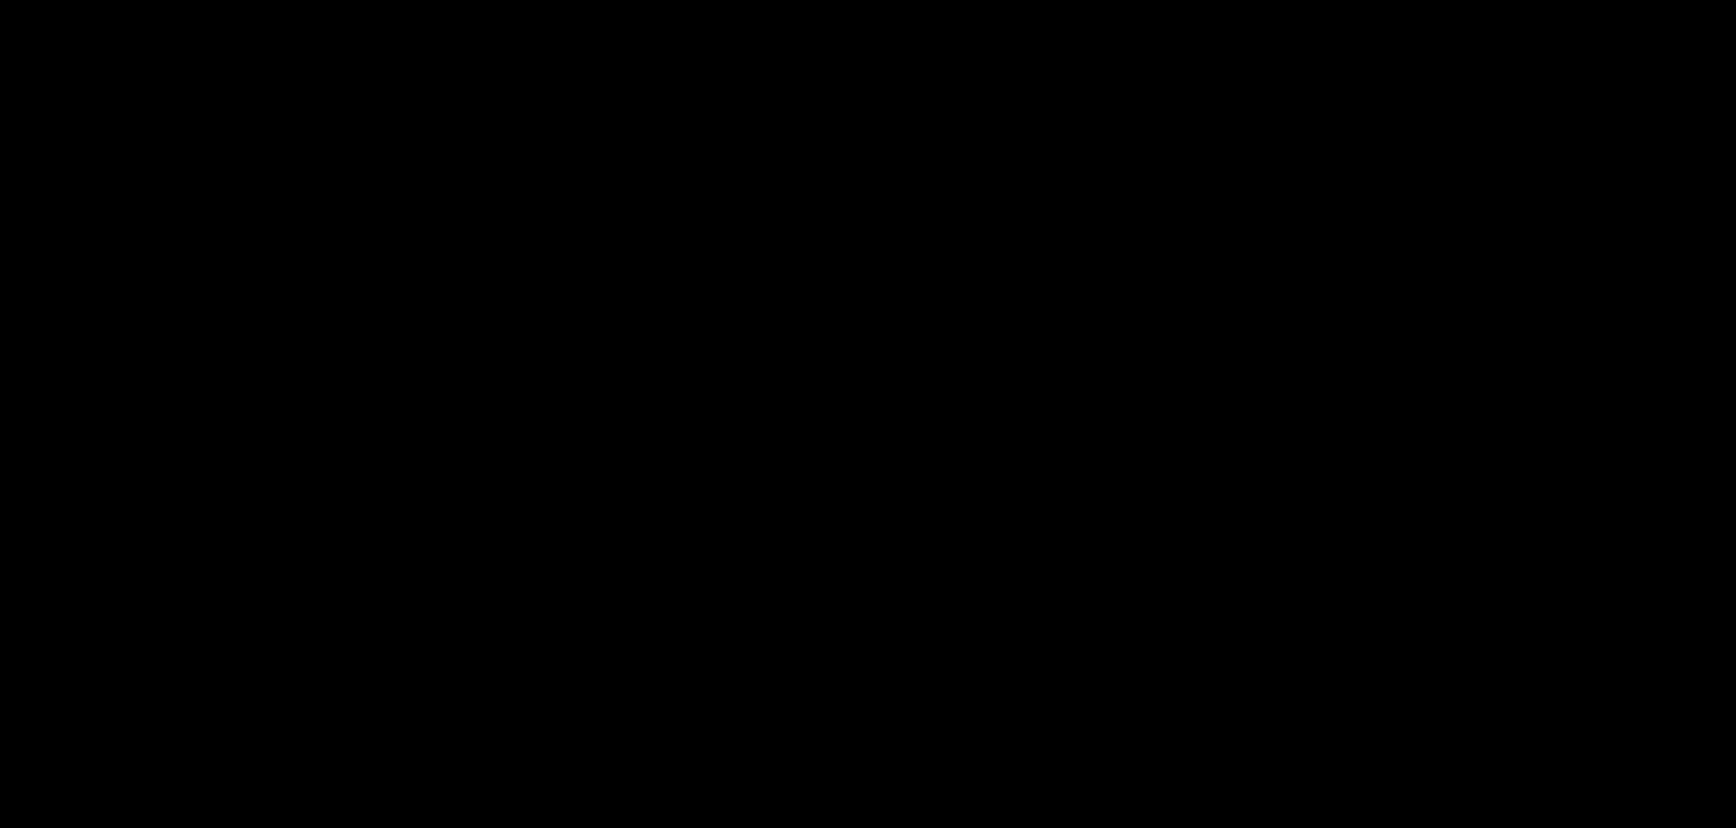 N-[2-(5-Methoxy-d<sub>3</sub>-indol-3-yl)-ethyl]-2-methoxy-commenamide